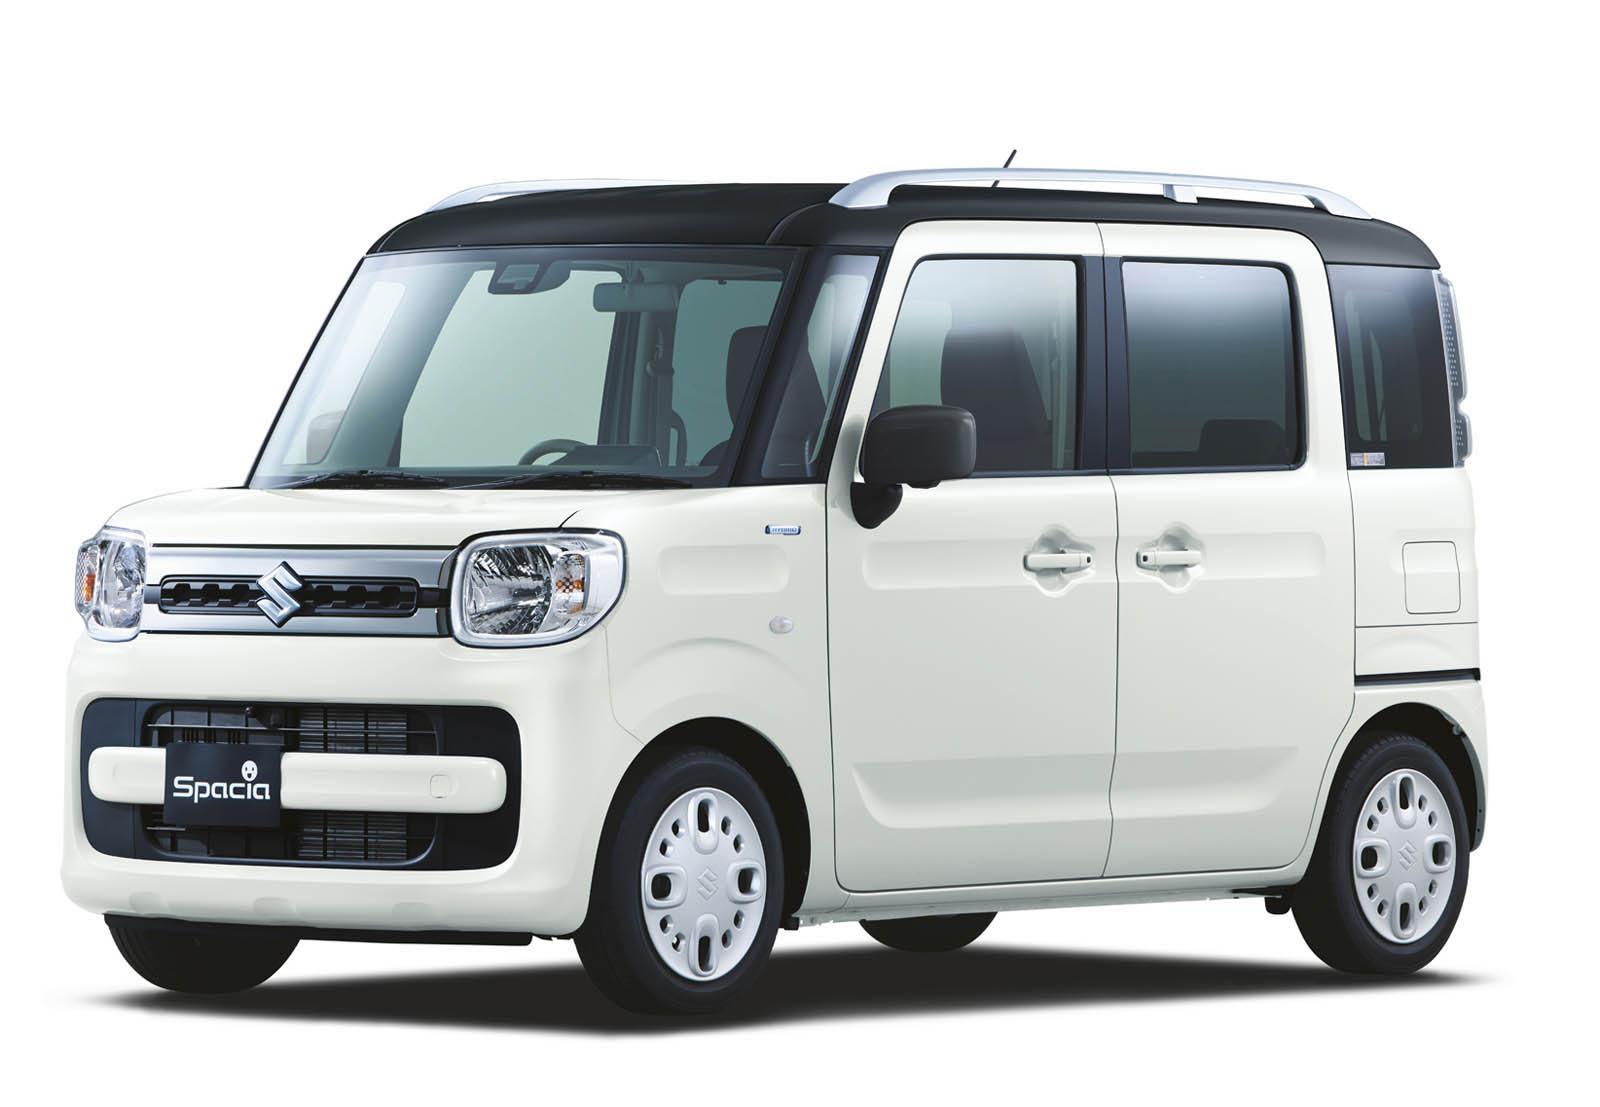 Suzuki Spacia 2018 (9)